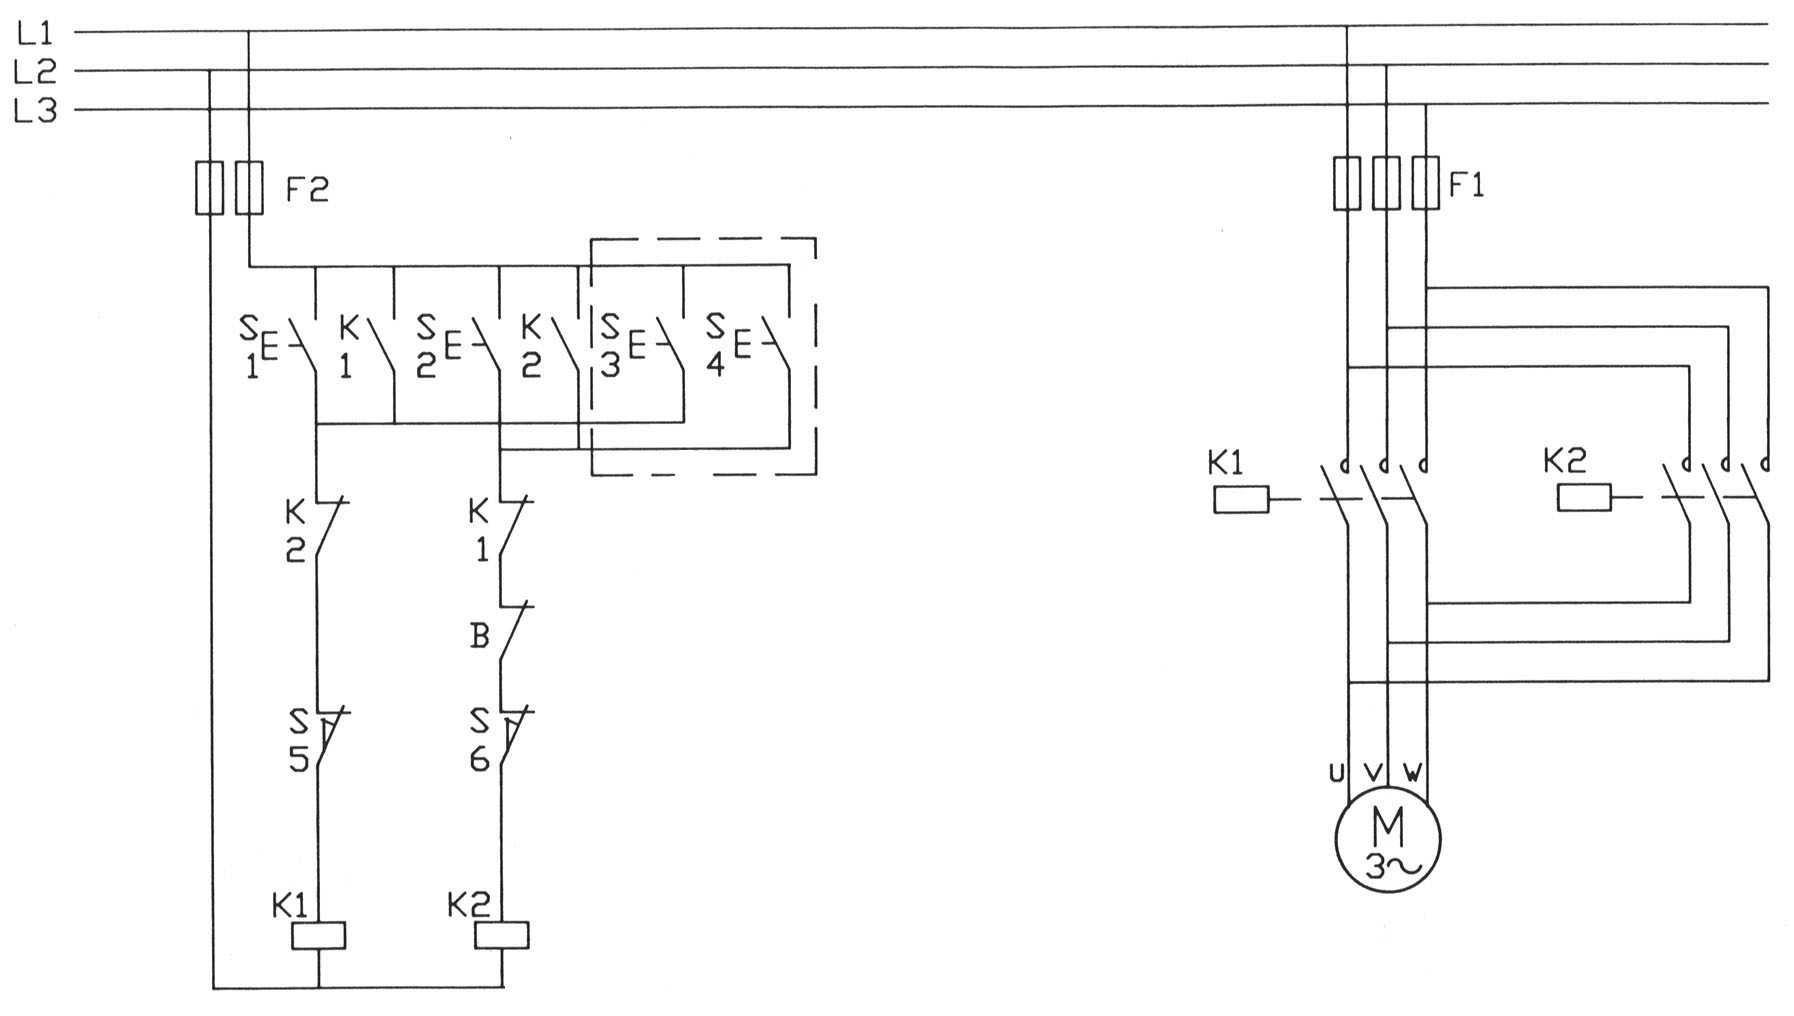 Schema Elettrico Per Fotocellula : Schema elettrico marcia arresto motore fare di una mosca